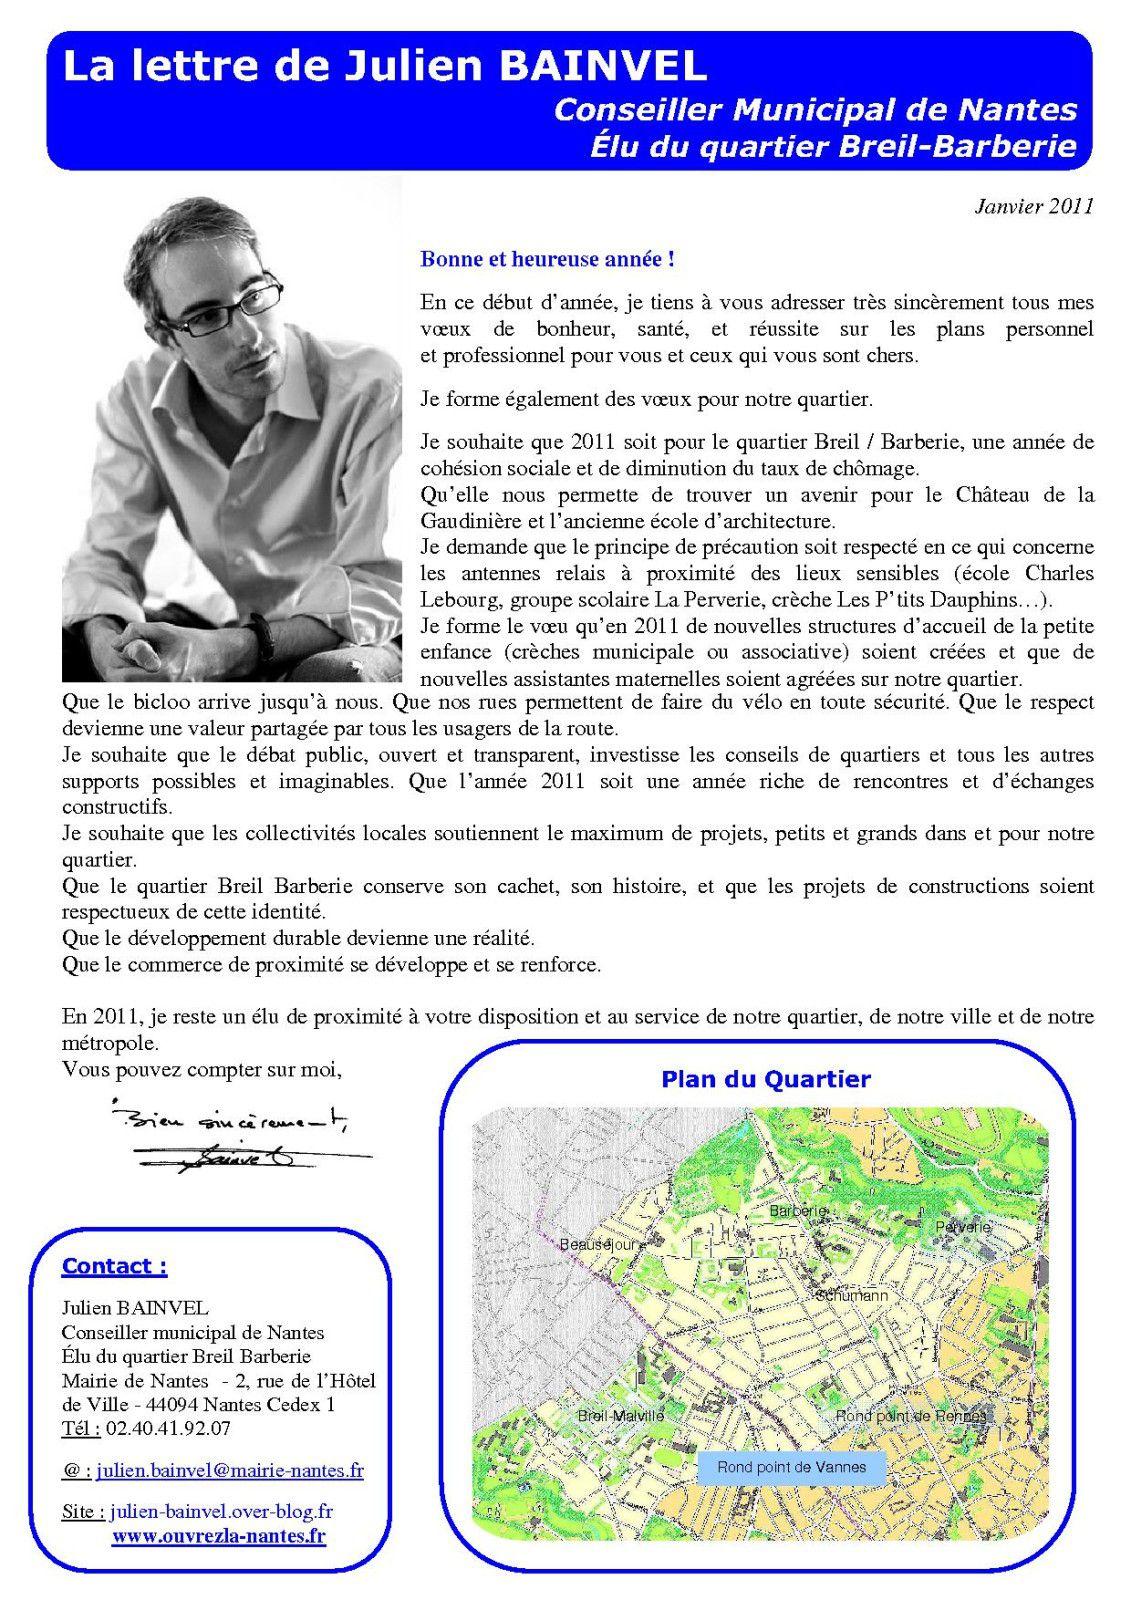 La Lettre de Julien Bainvel Janvier 2011 P1